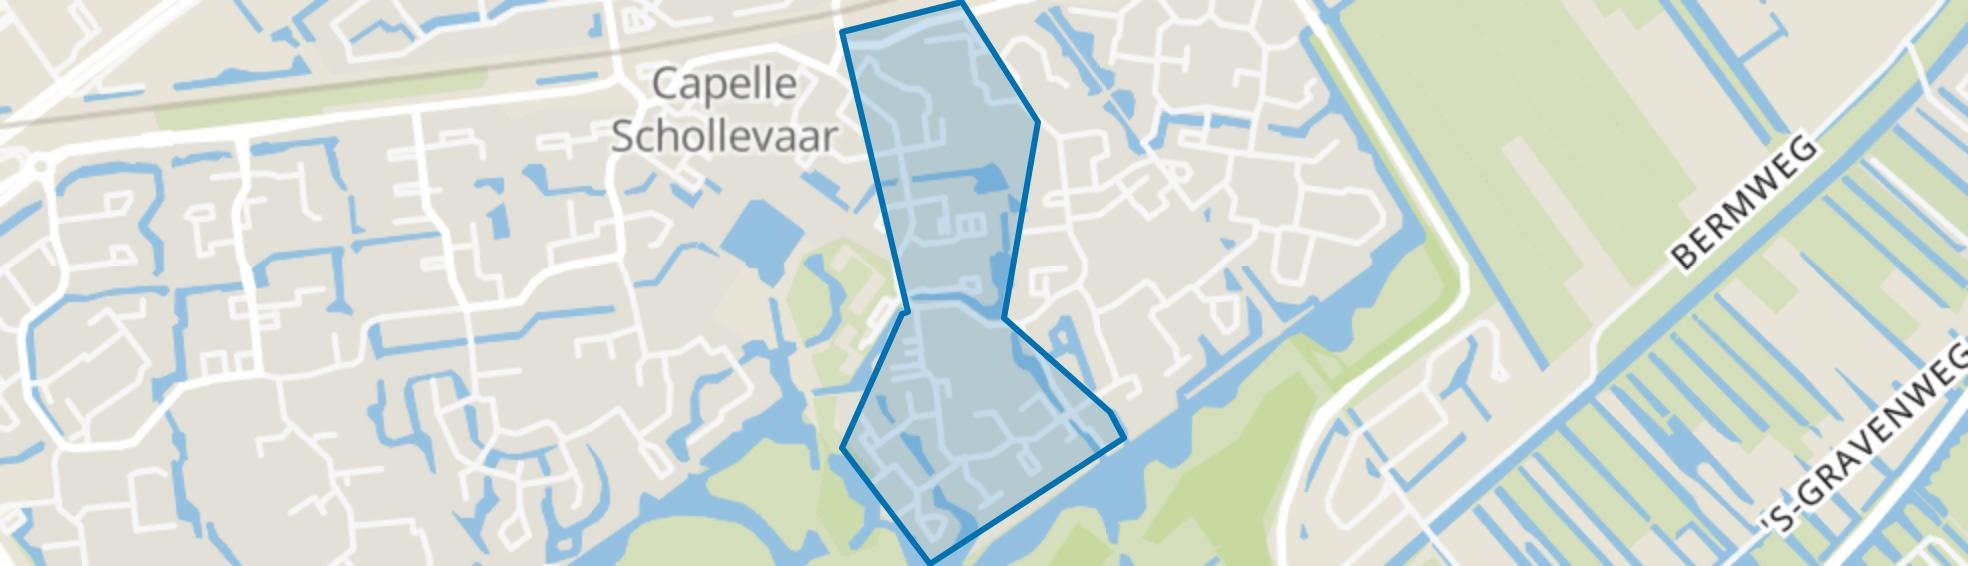 Operabuurt, Capelle aan den IJssel map